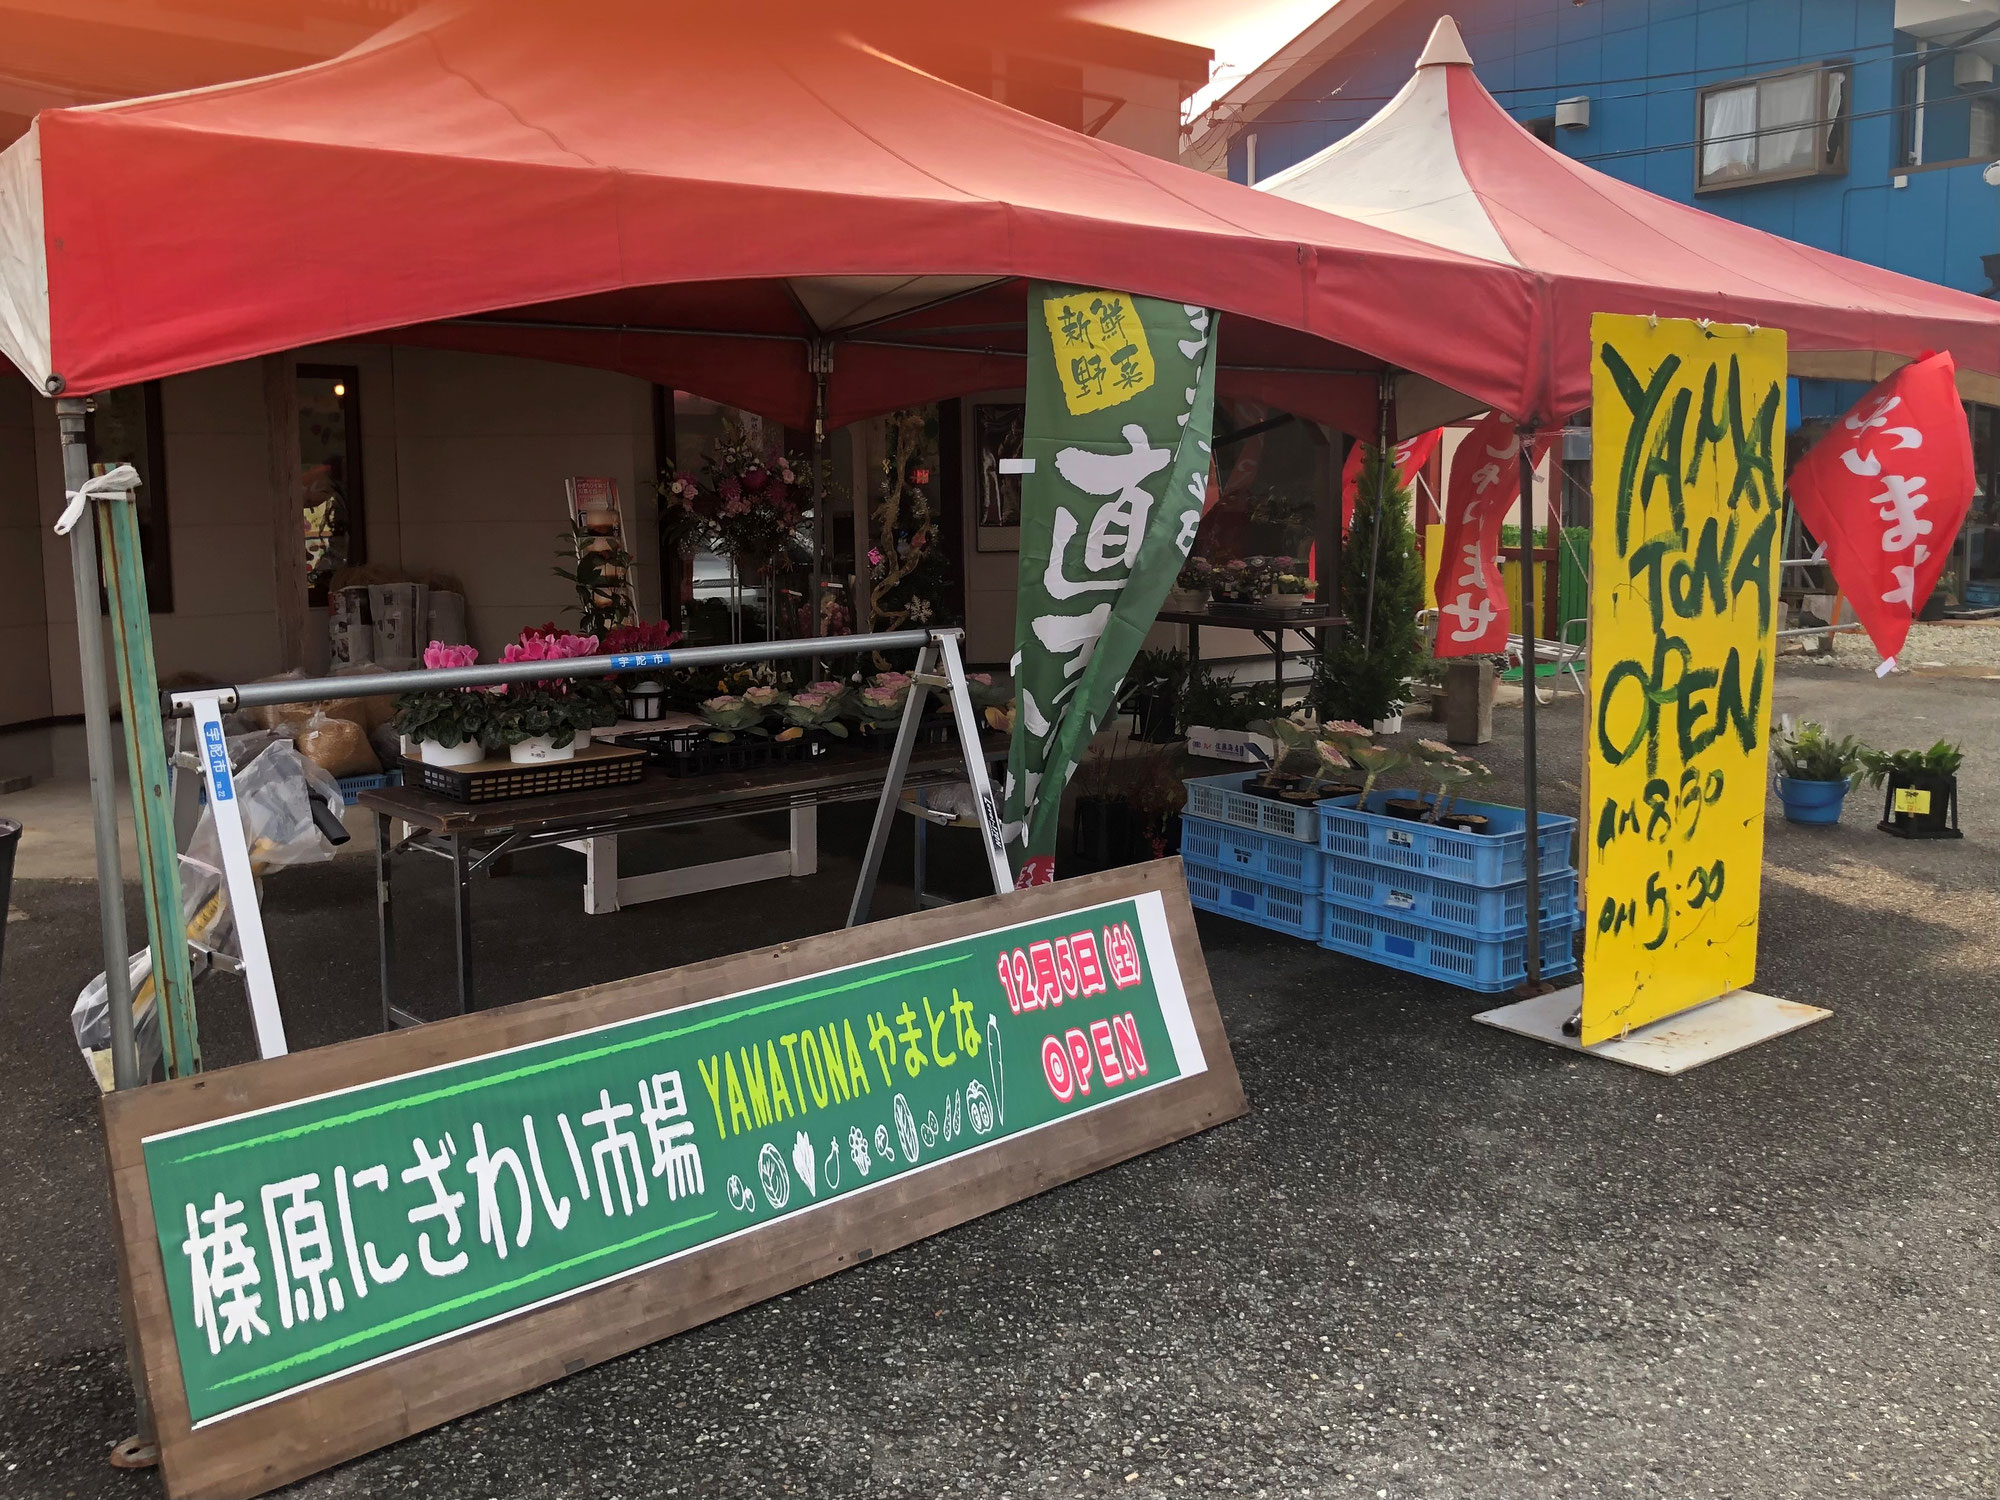 宇陀市 榛原にぎわい市場 やまとな オープン!